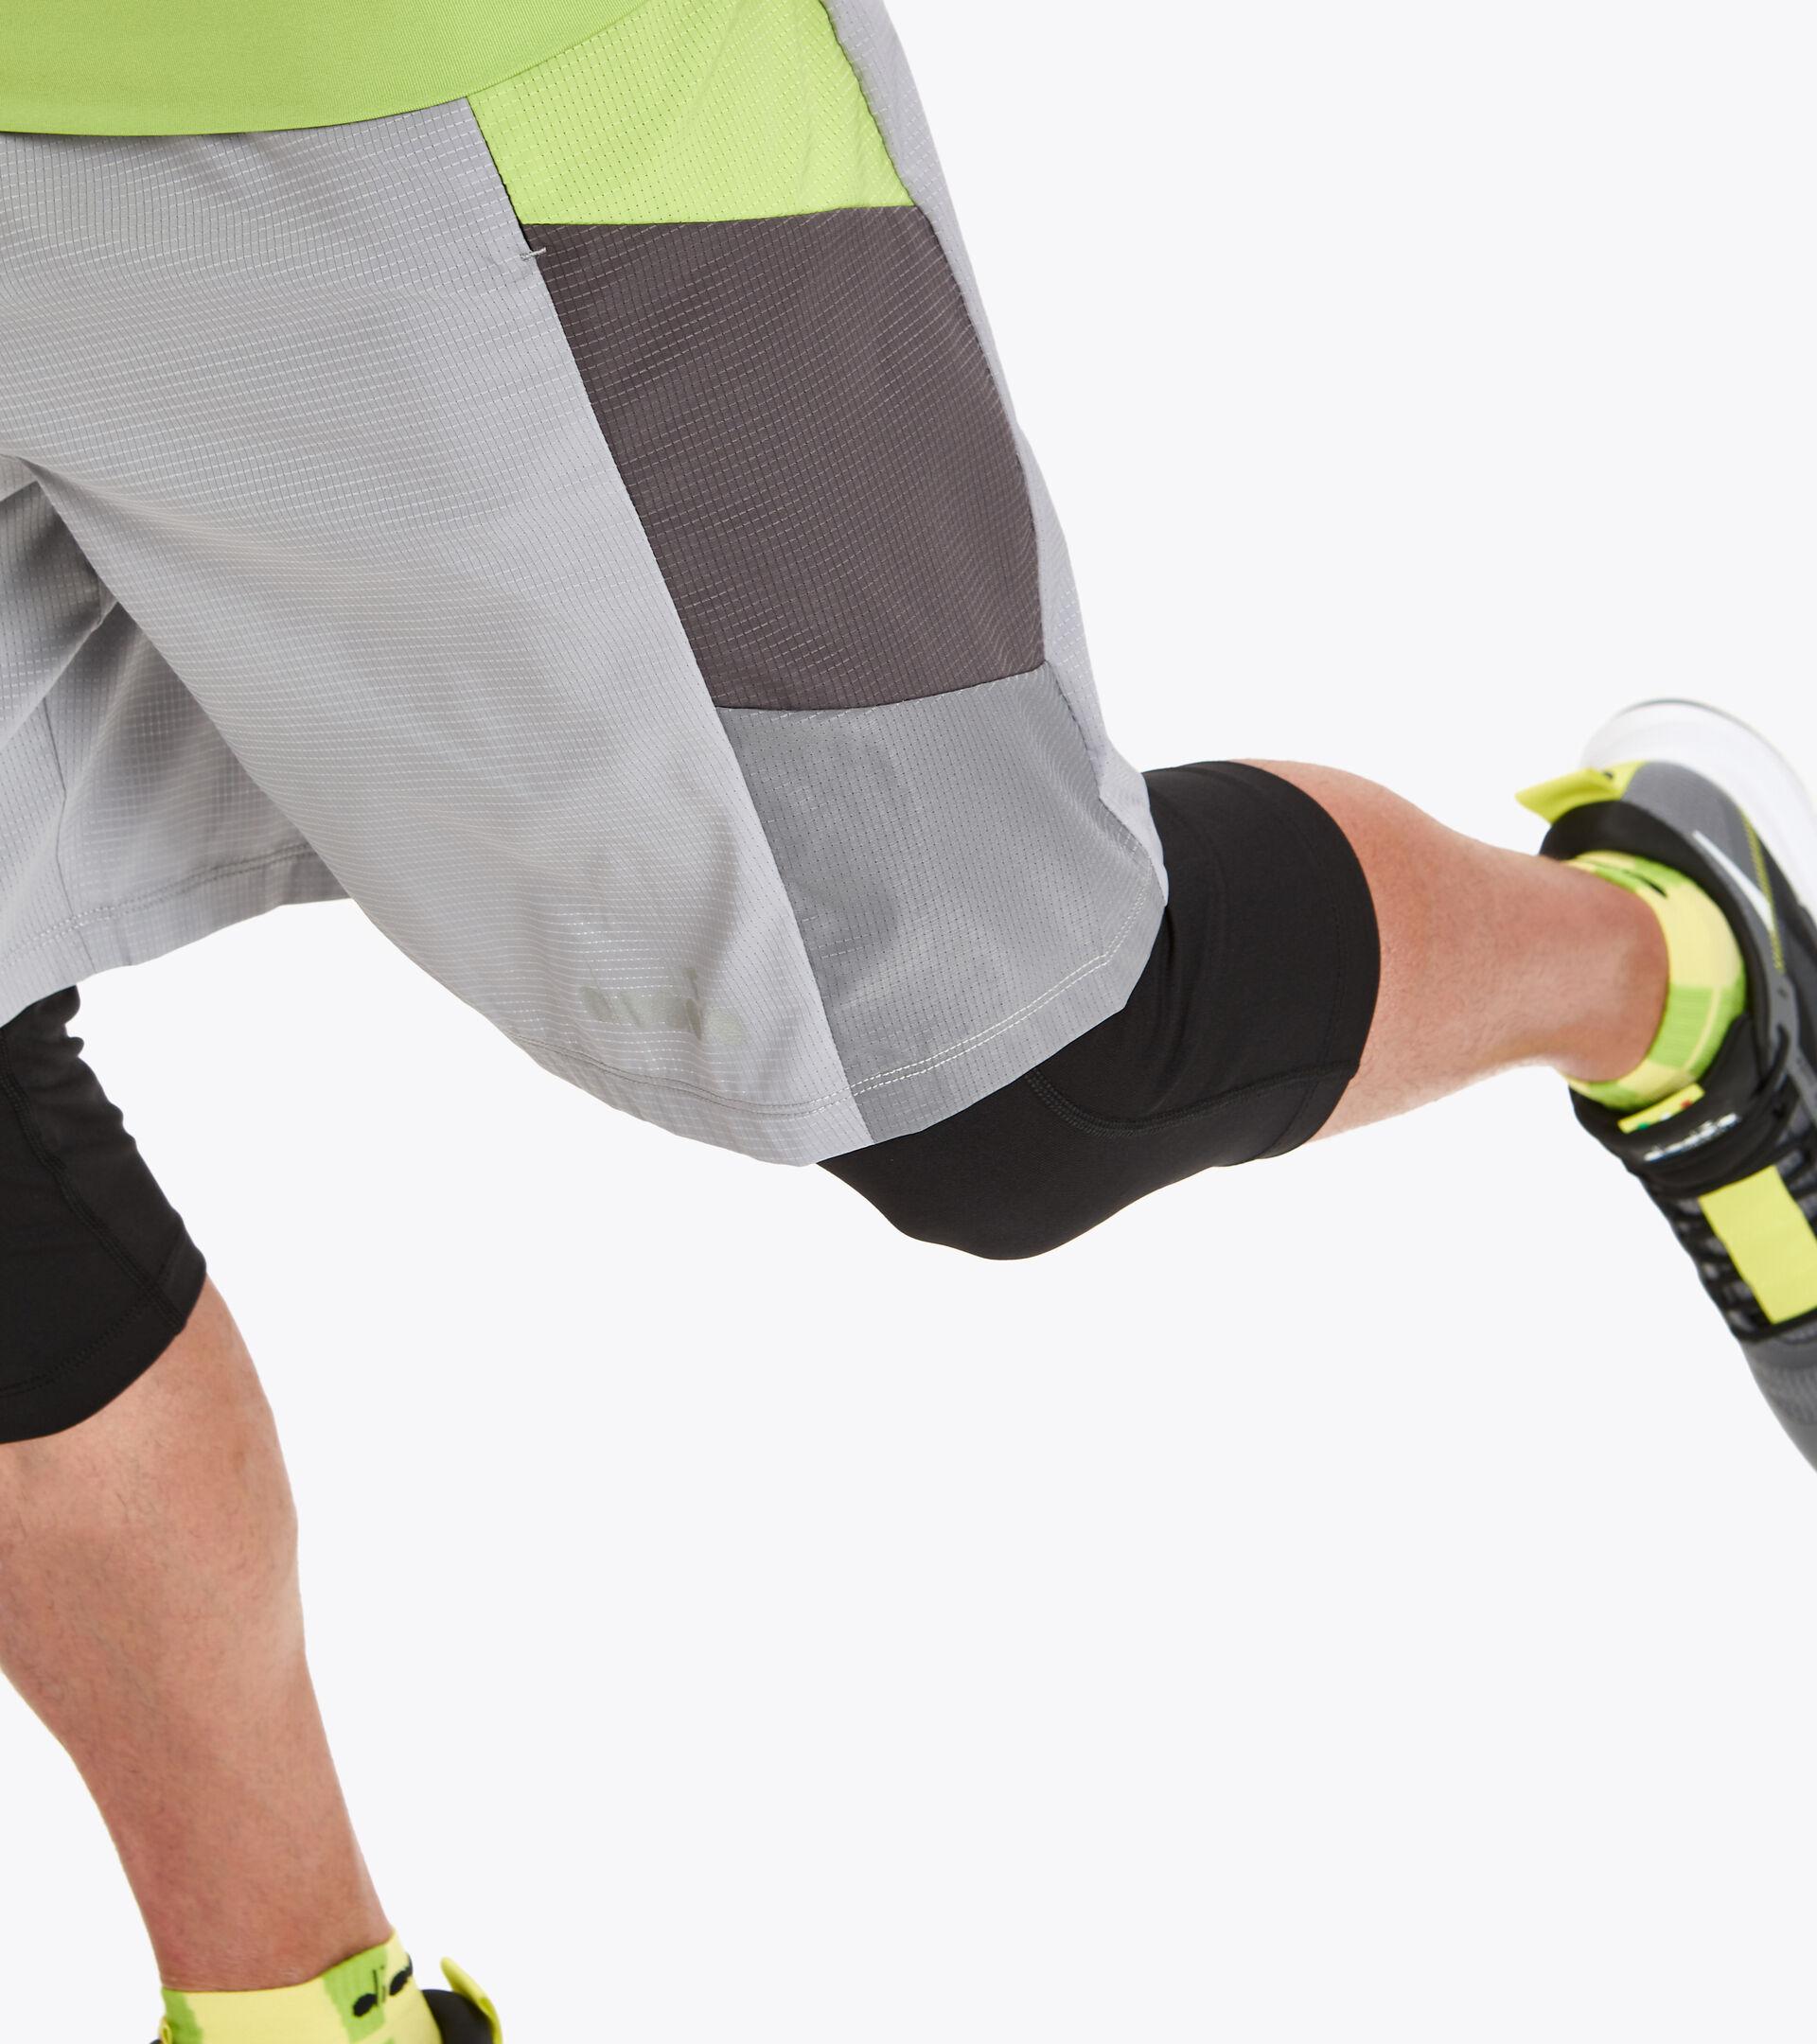 Lauf-Shorts - Herren POWER SHORTS BE ONE METALLLEGIERUNG - Diadora